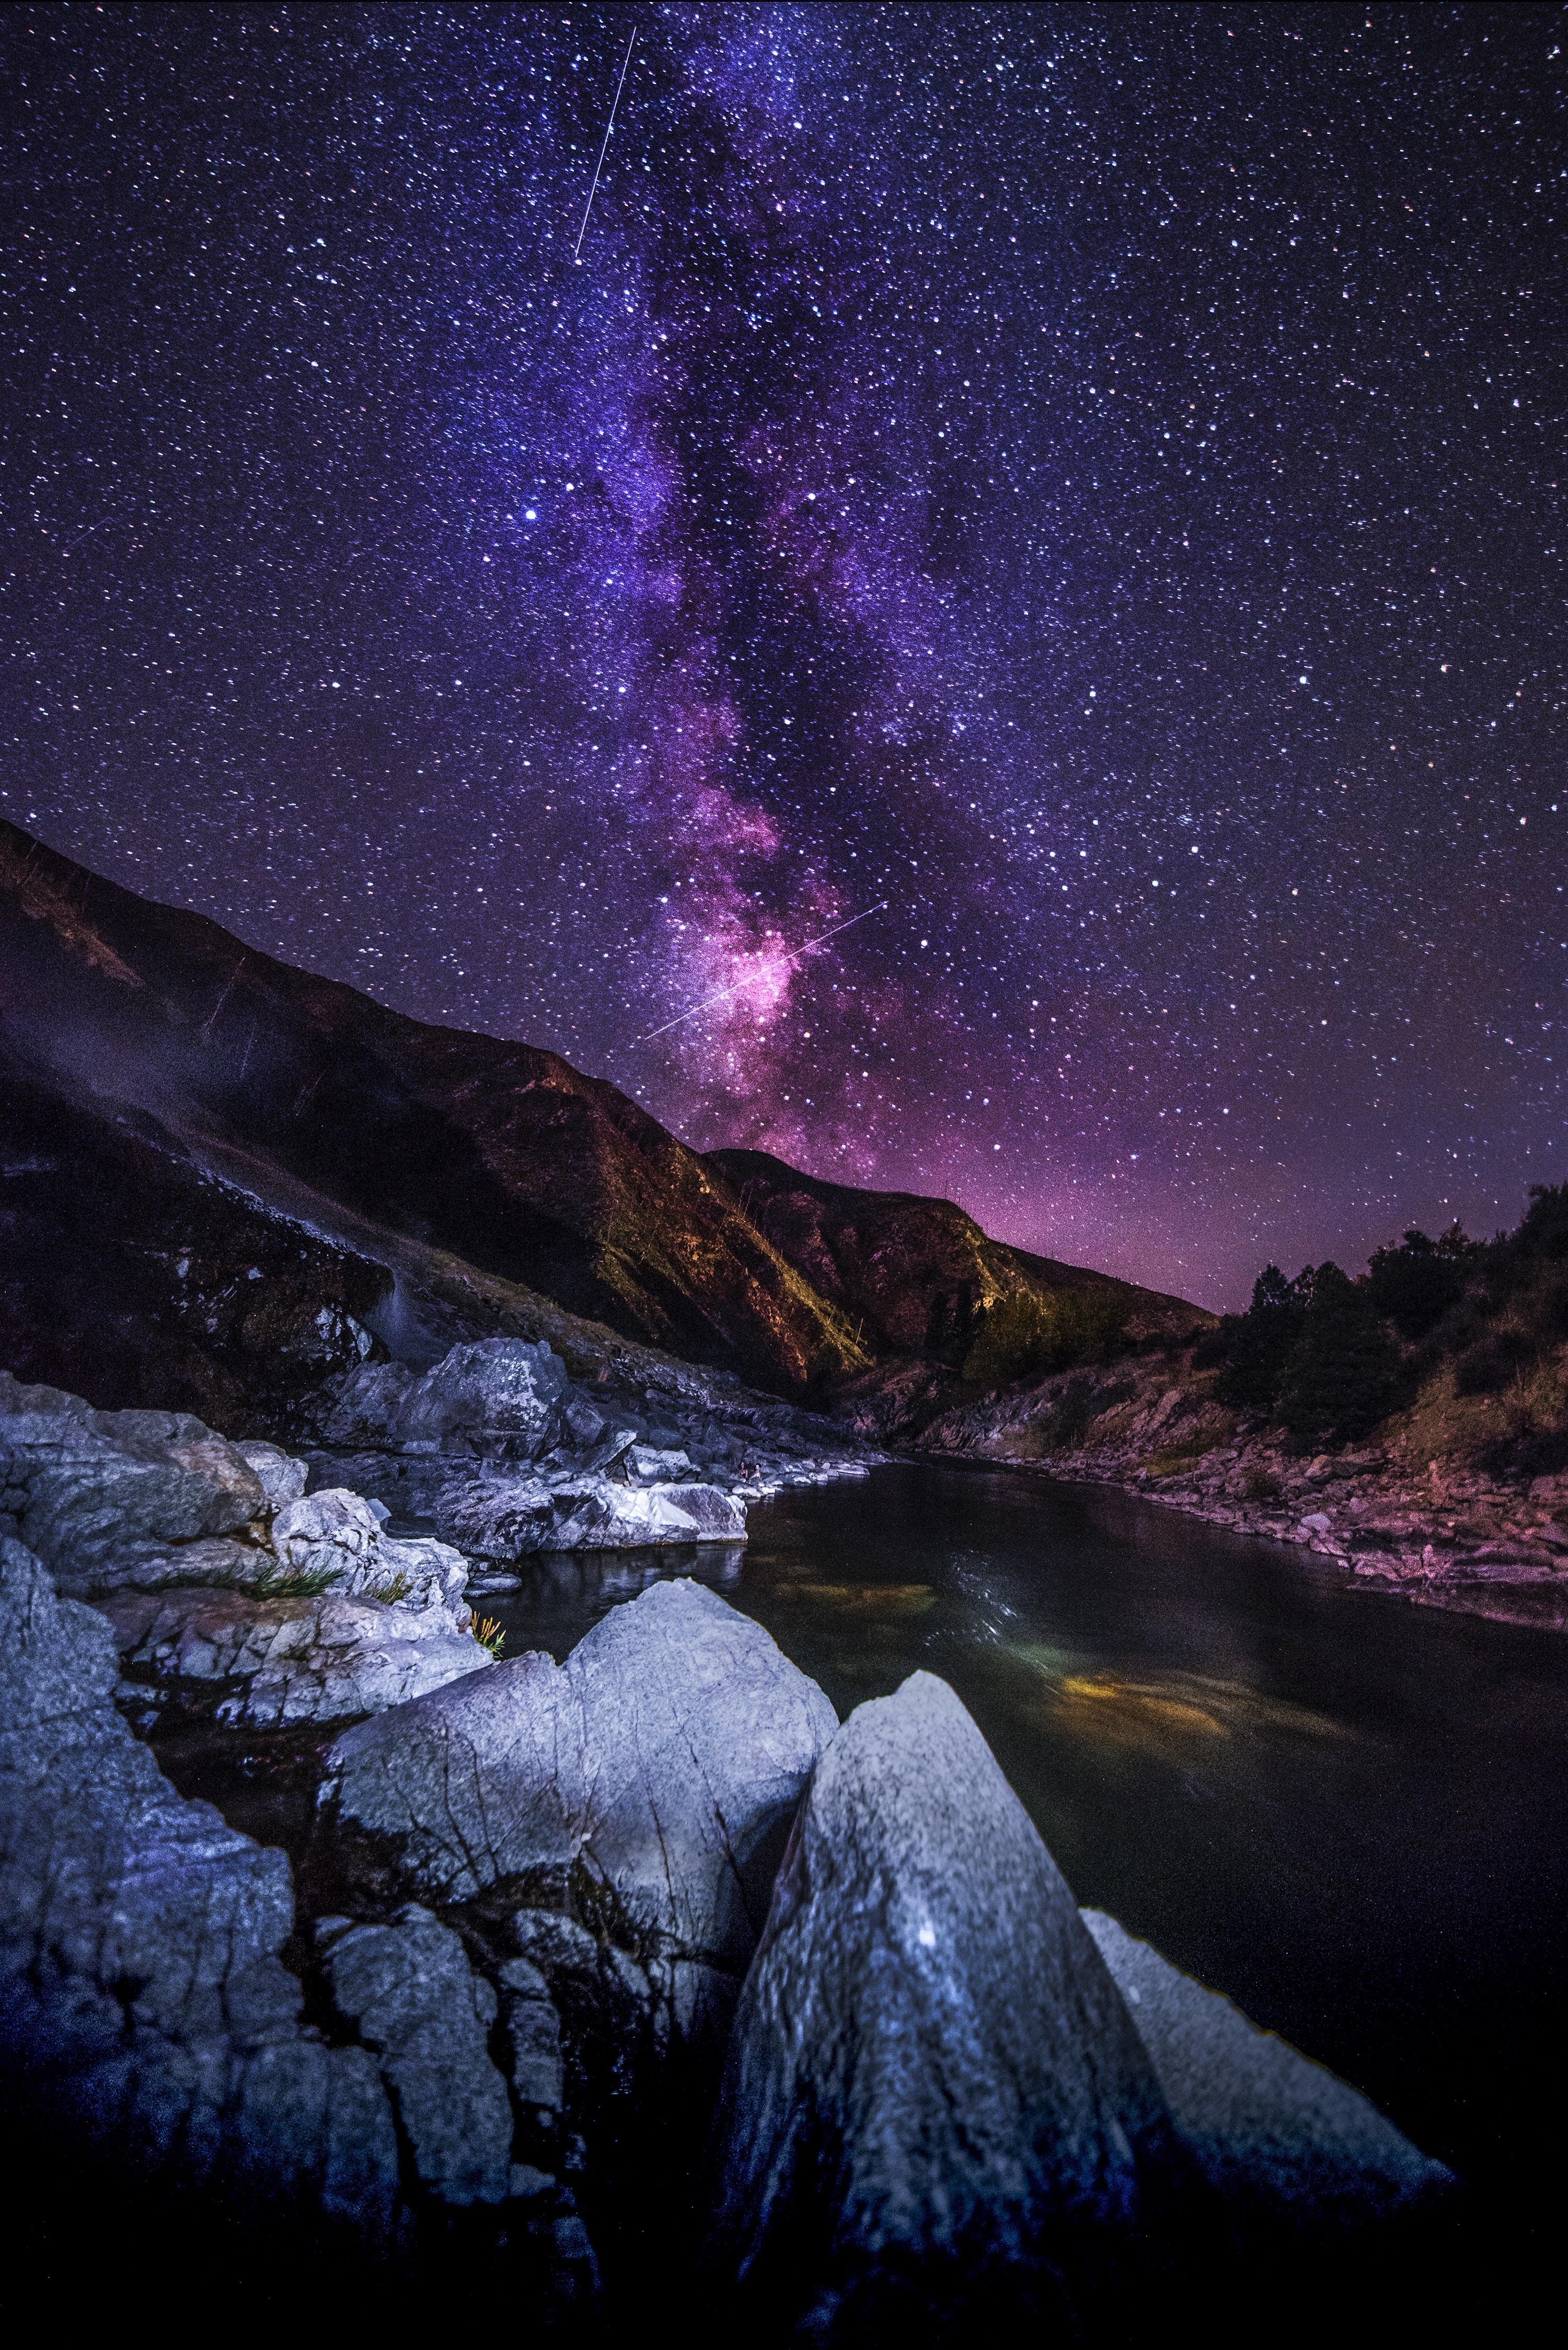 135710 скачать обои Природа, Река, Ночь, Звездное Небо, Горы, Пейзаж - заставки и картинки бесплатно